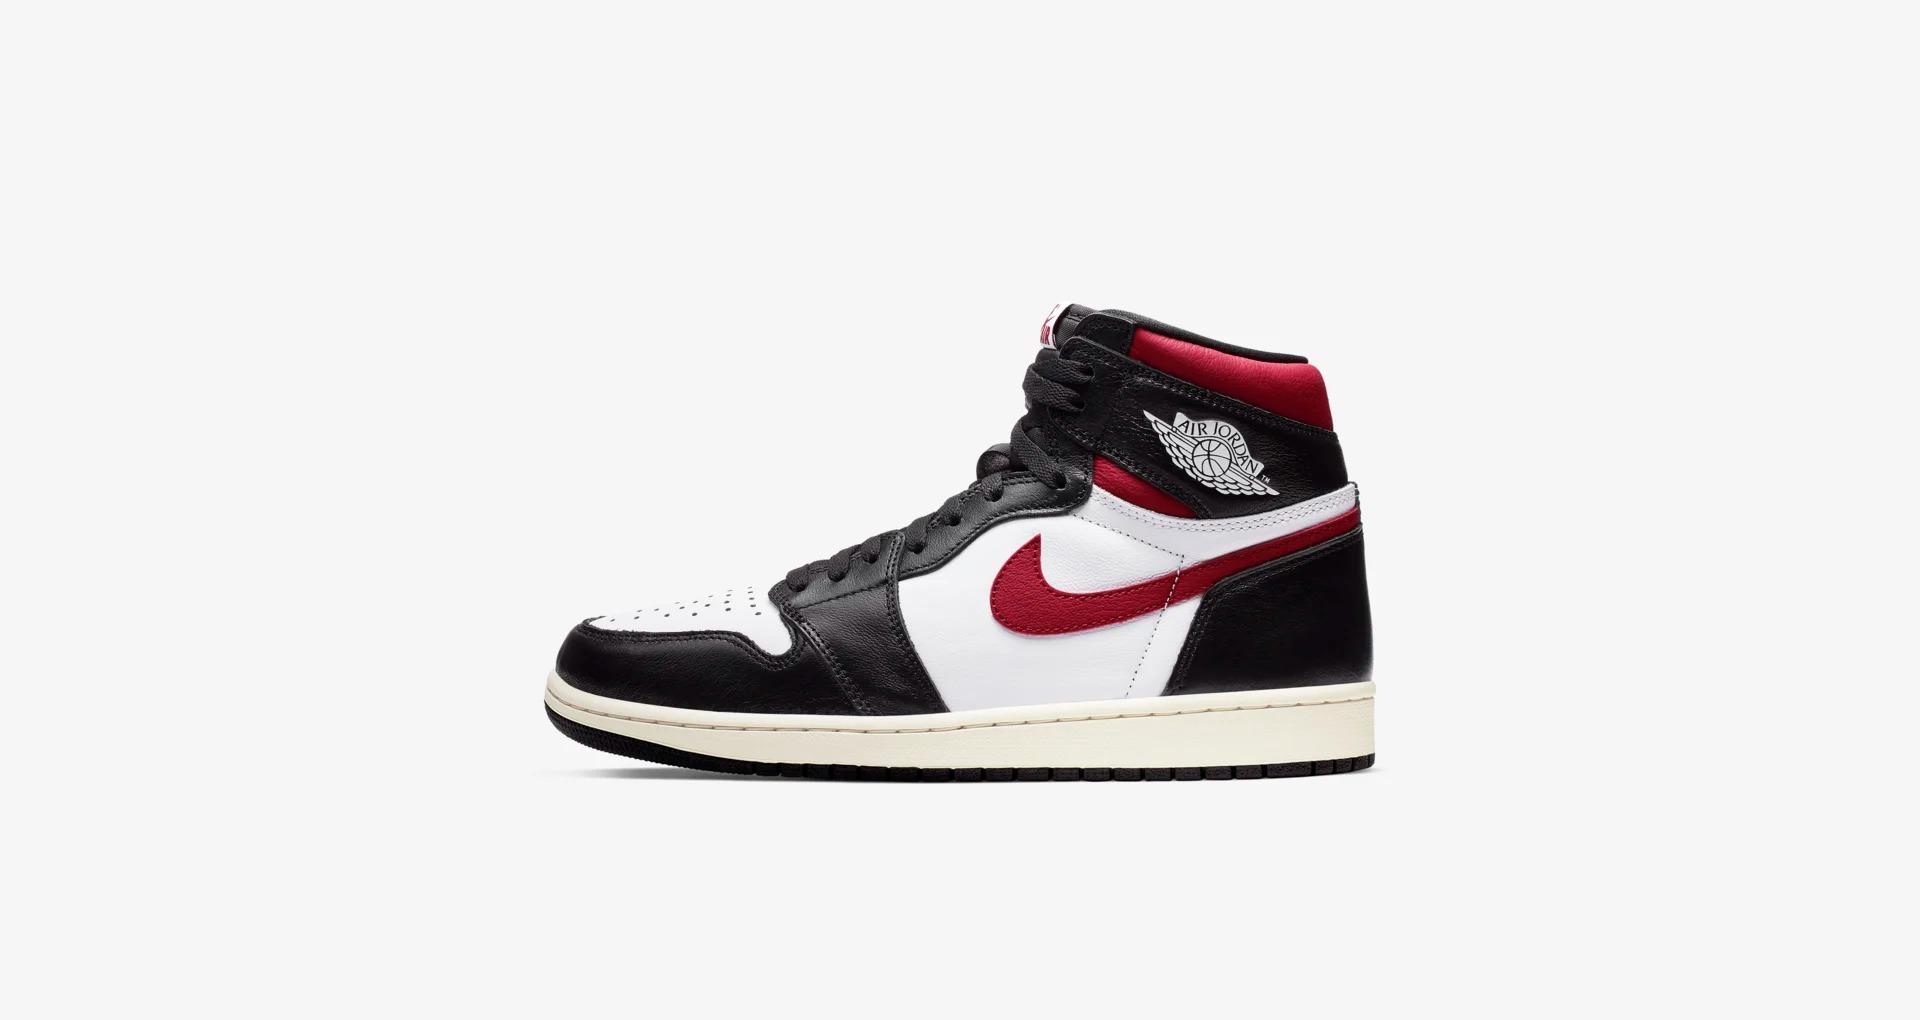 555088 061 Air Jordan 1 High OG Gym Red 1